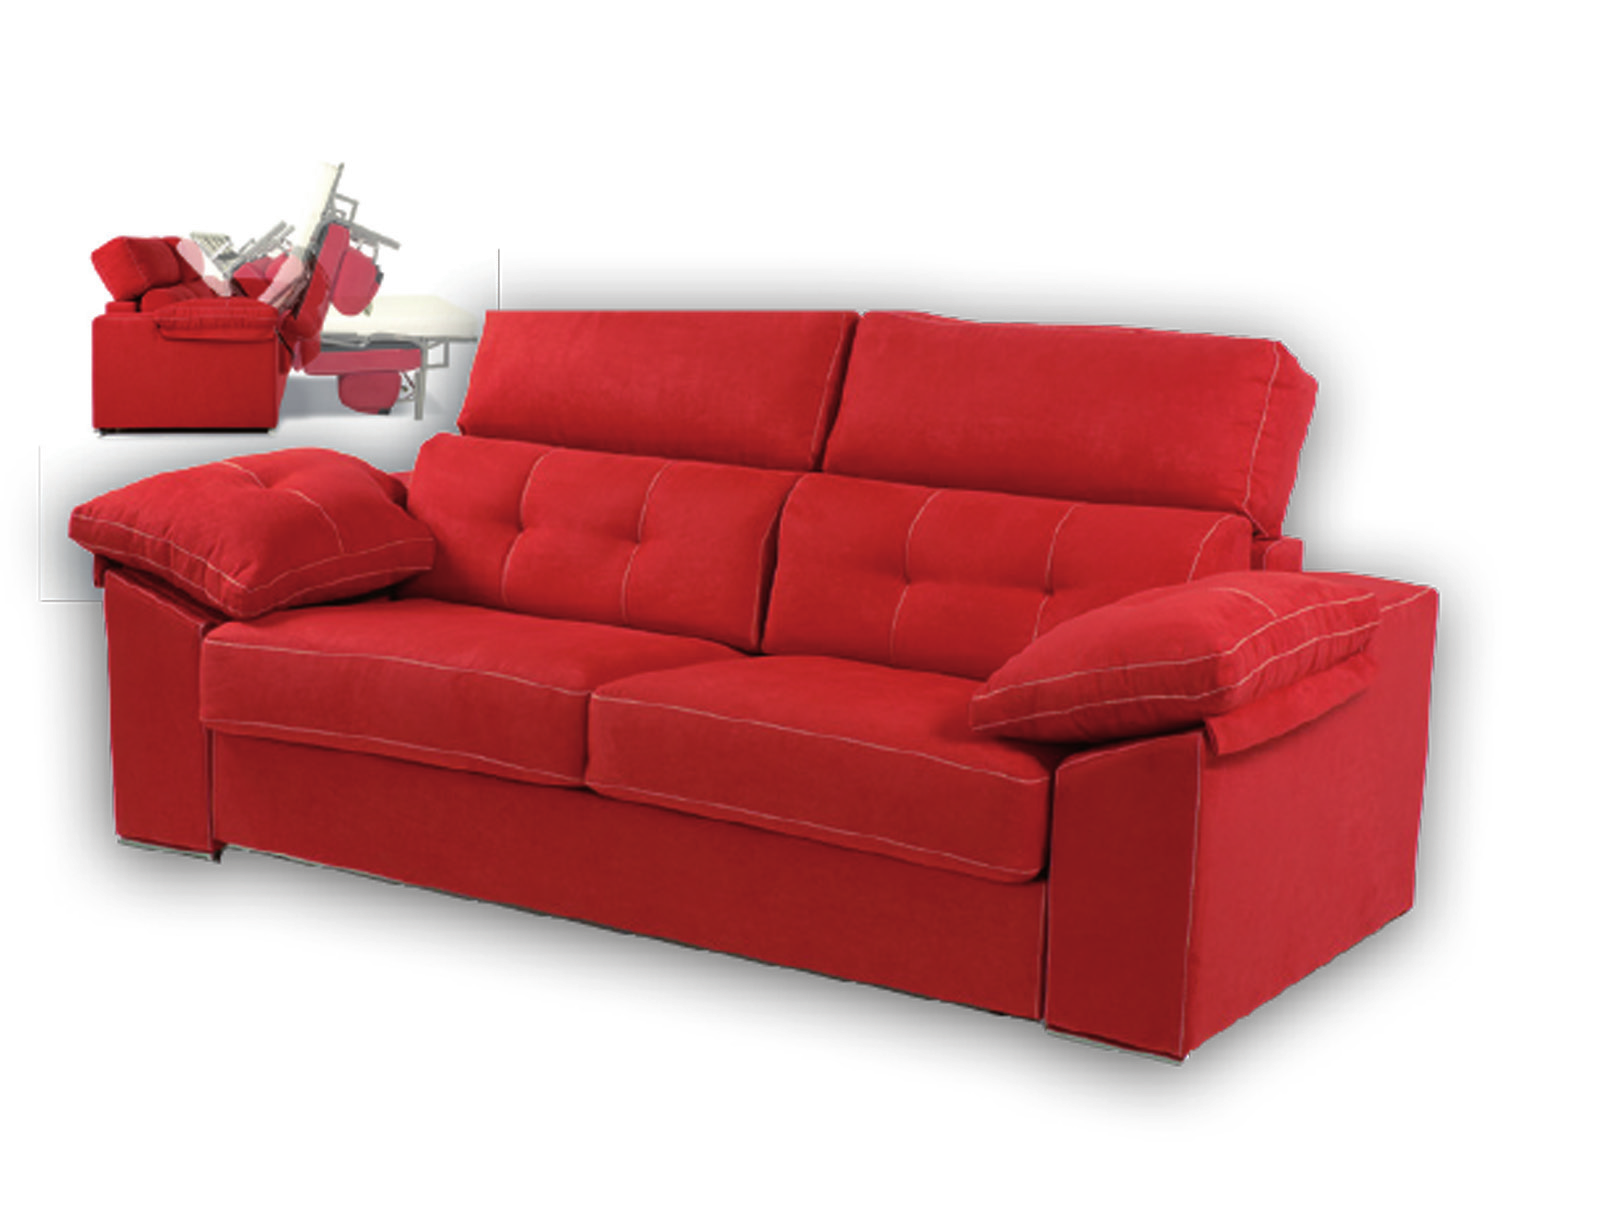 Sofa cama italiano muebles adama tienda de muebles en madrid for Sofa cama italiano